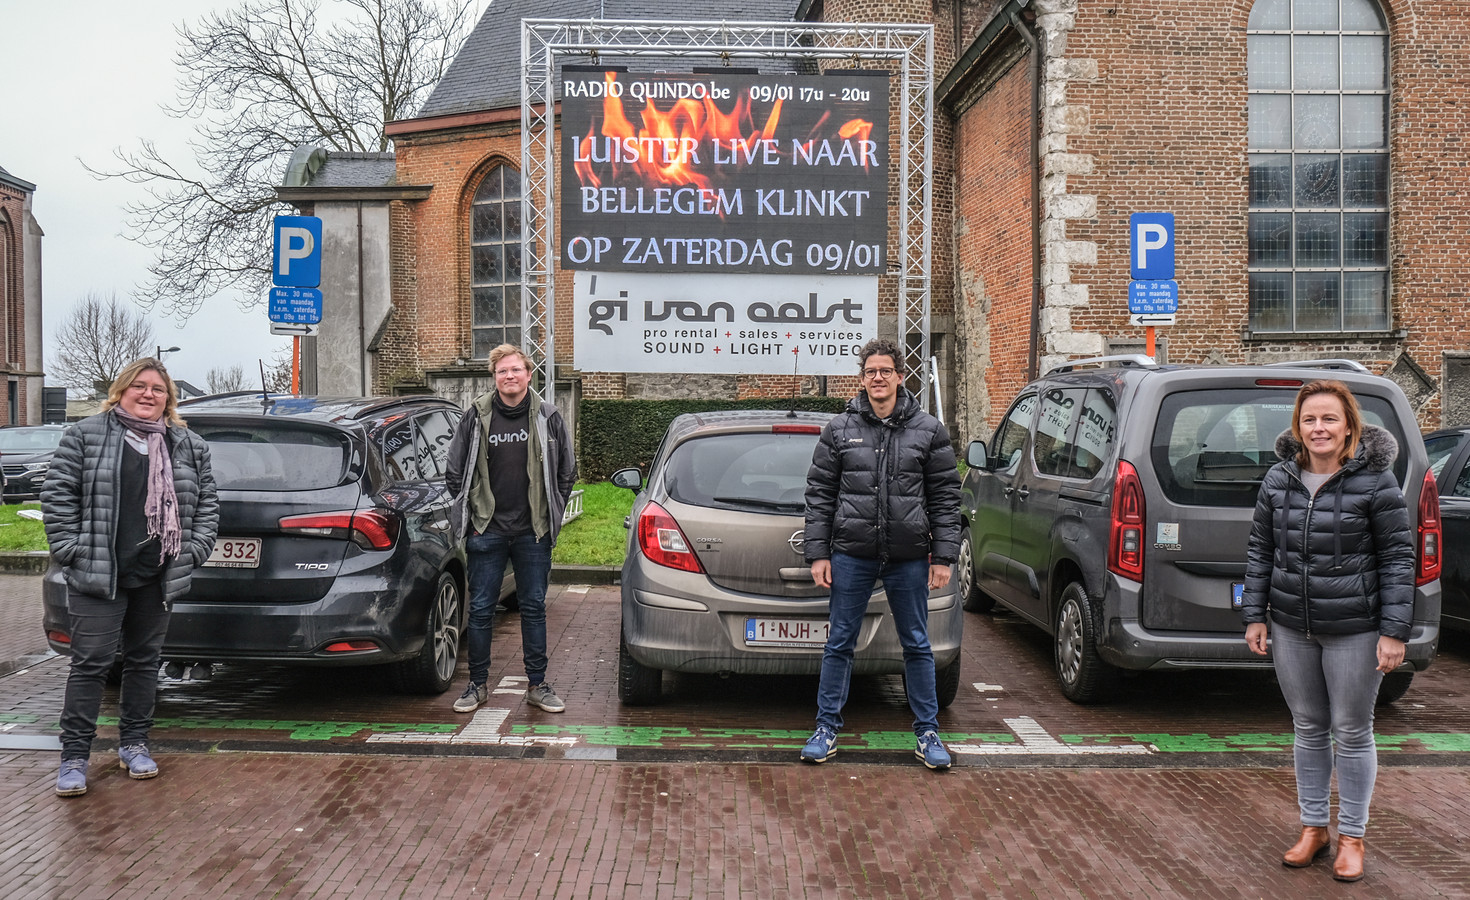 Enkele initiatiefnemers van Bellegem Klinkt (Helga Kints, Maarten Dierick en Stijn Loosveld), samen met schepen Stephanie Demeyer (rechts).